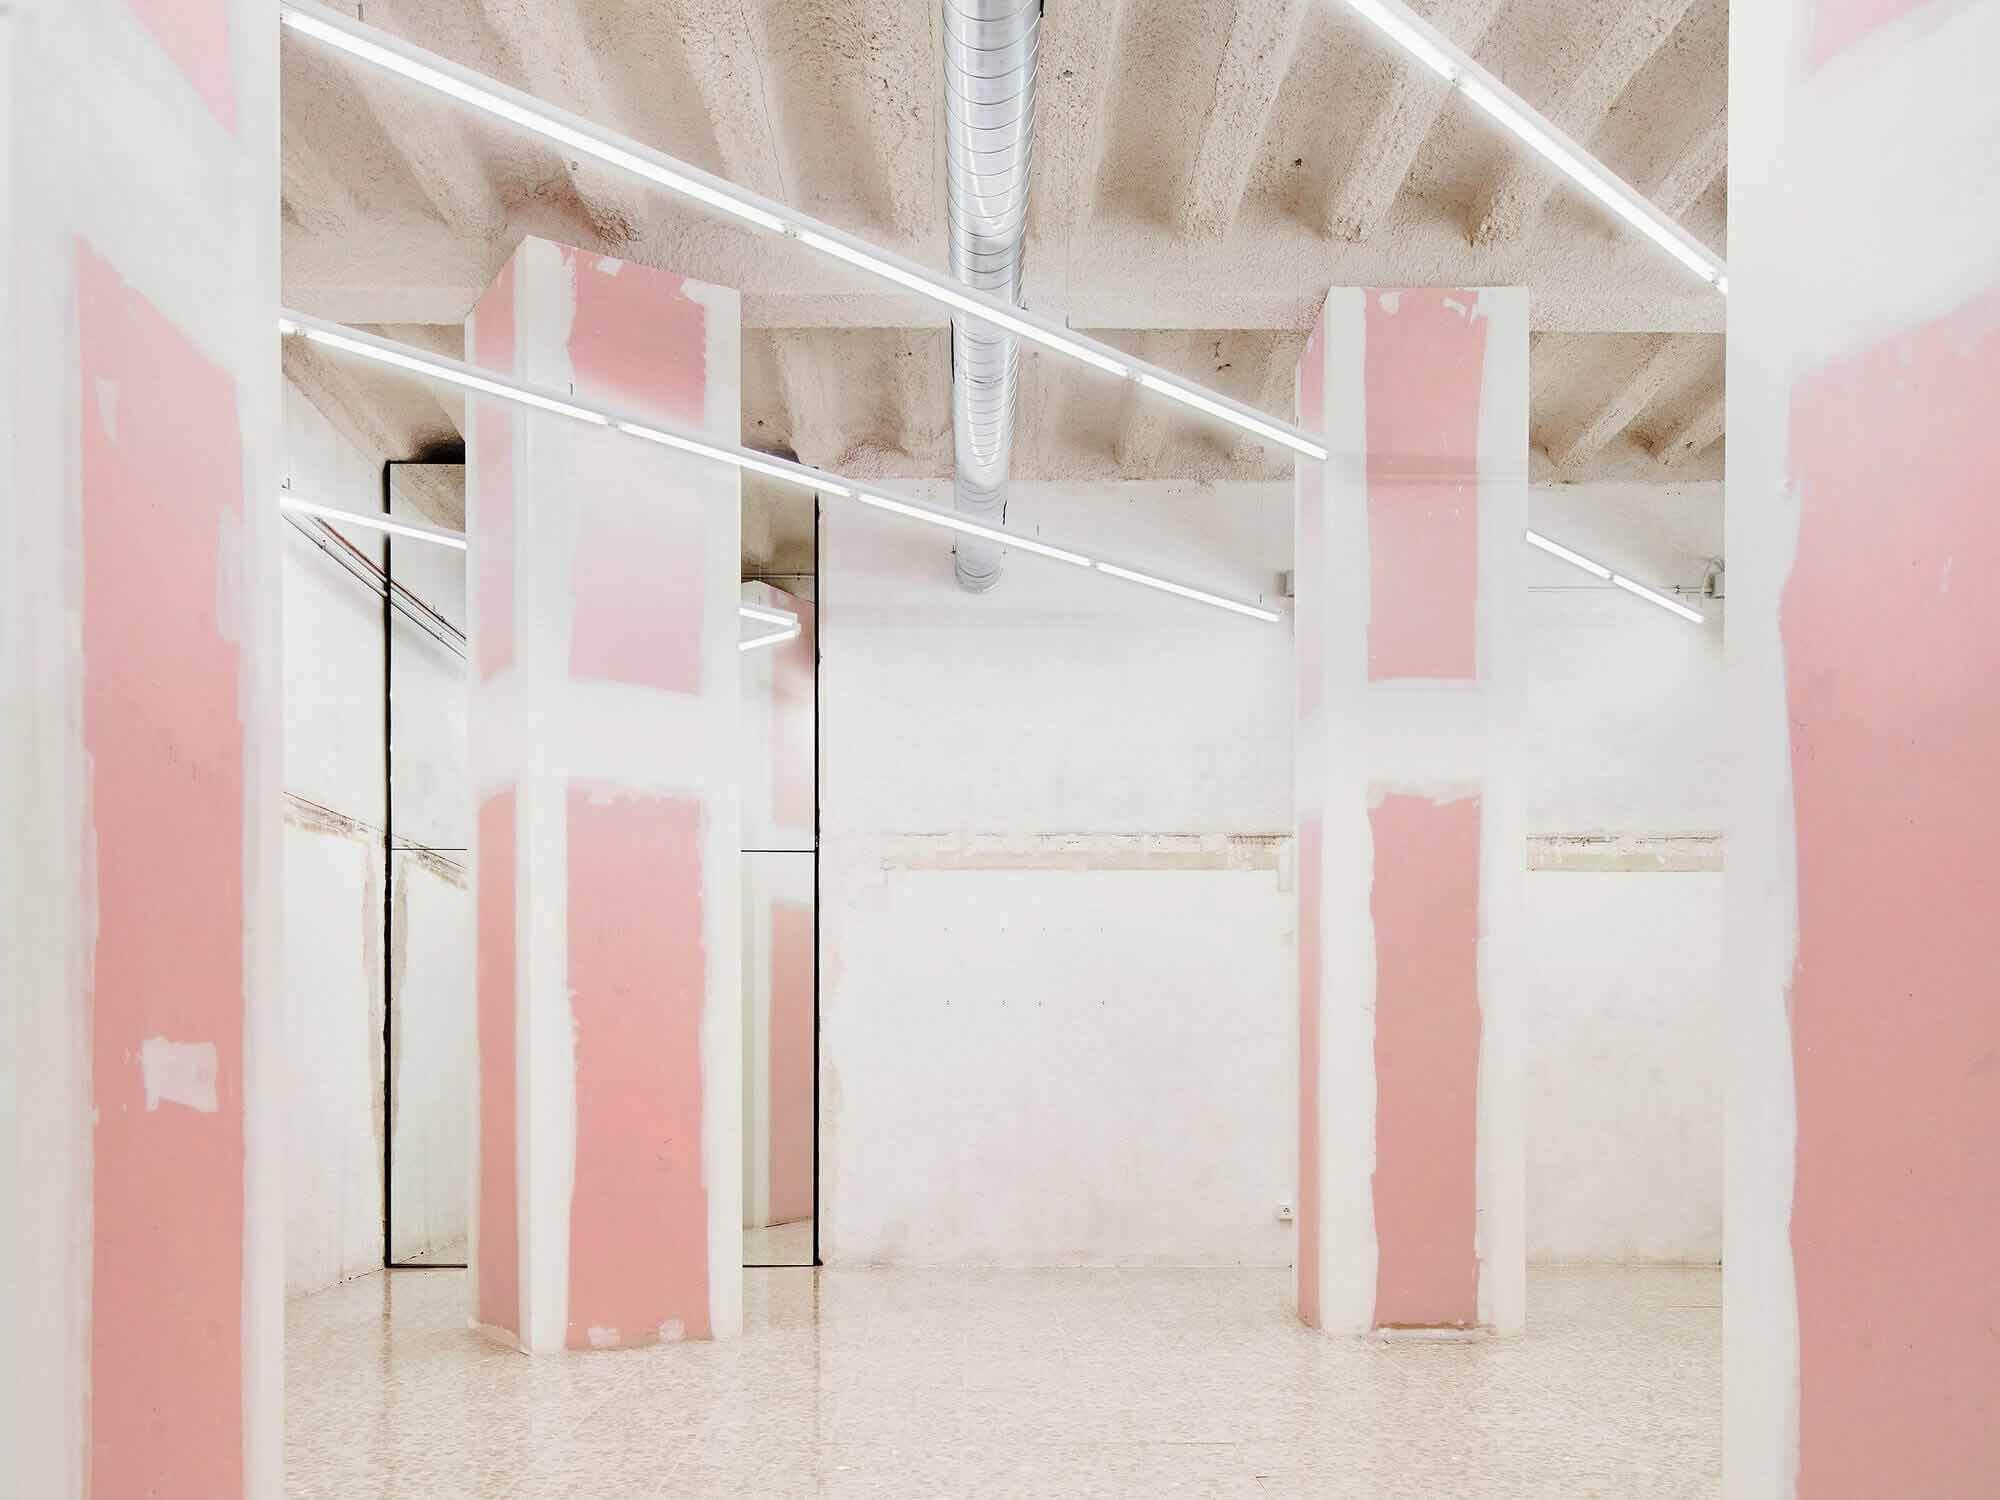 Художественная галерея в Барселоне / MAIO